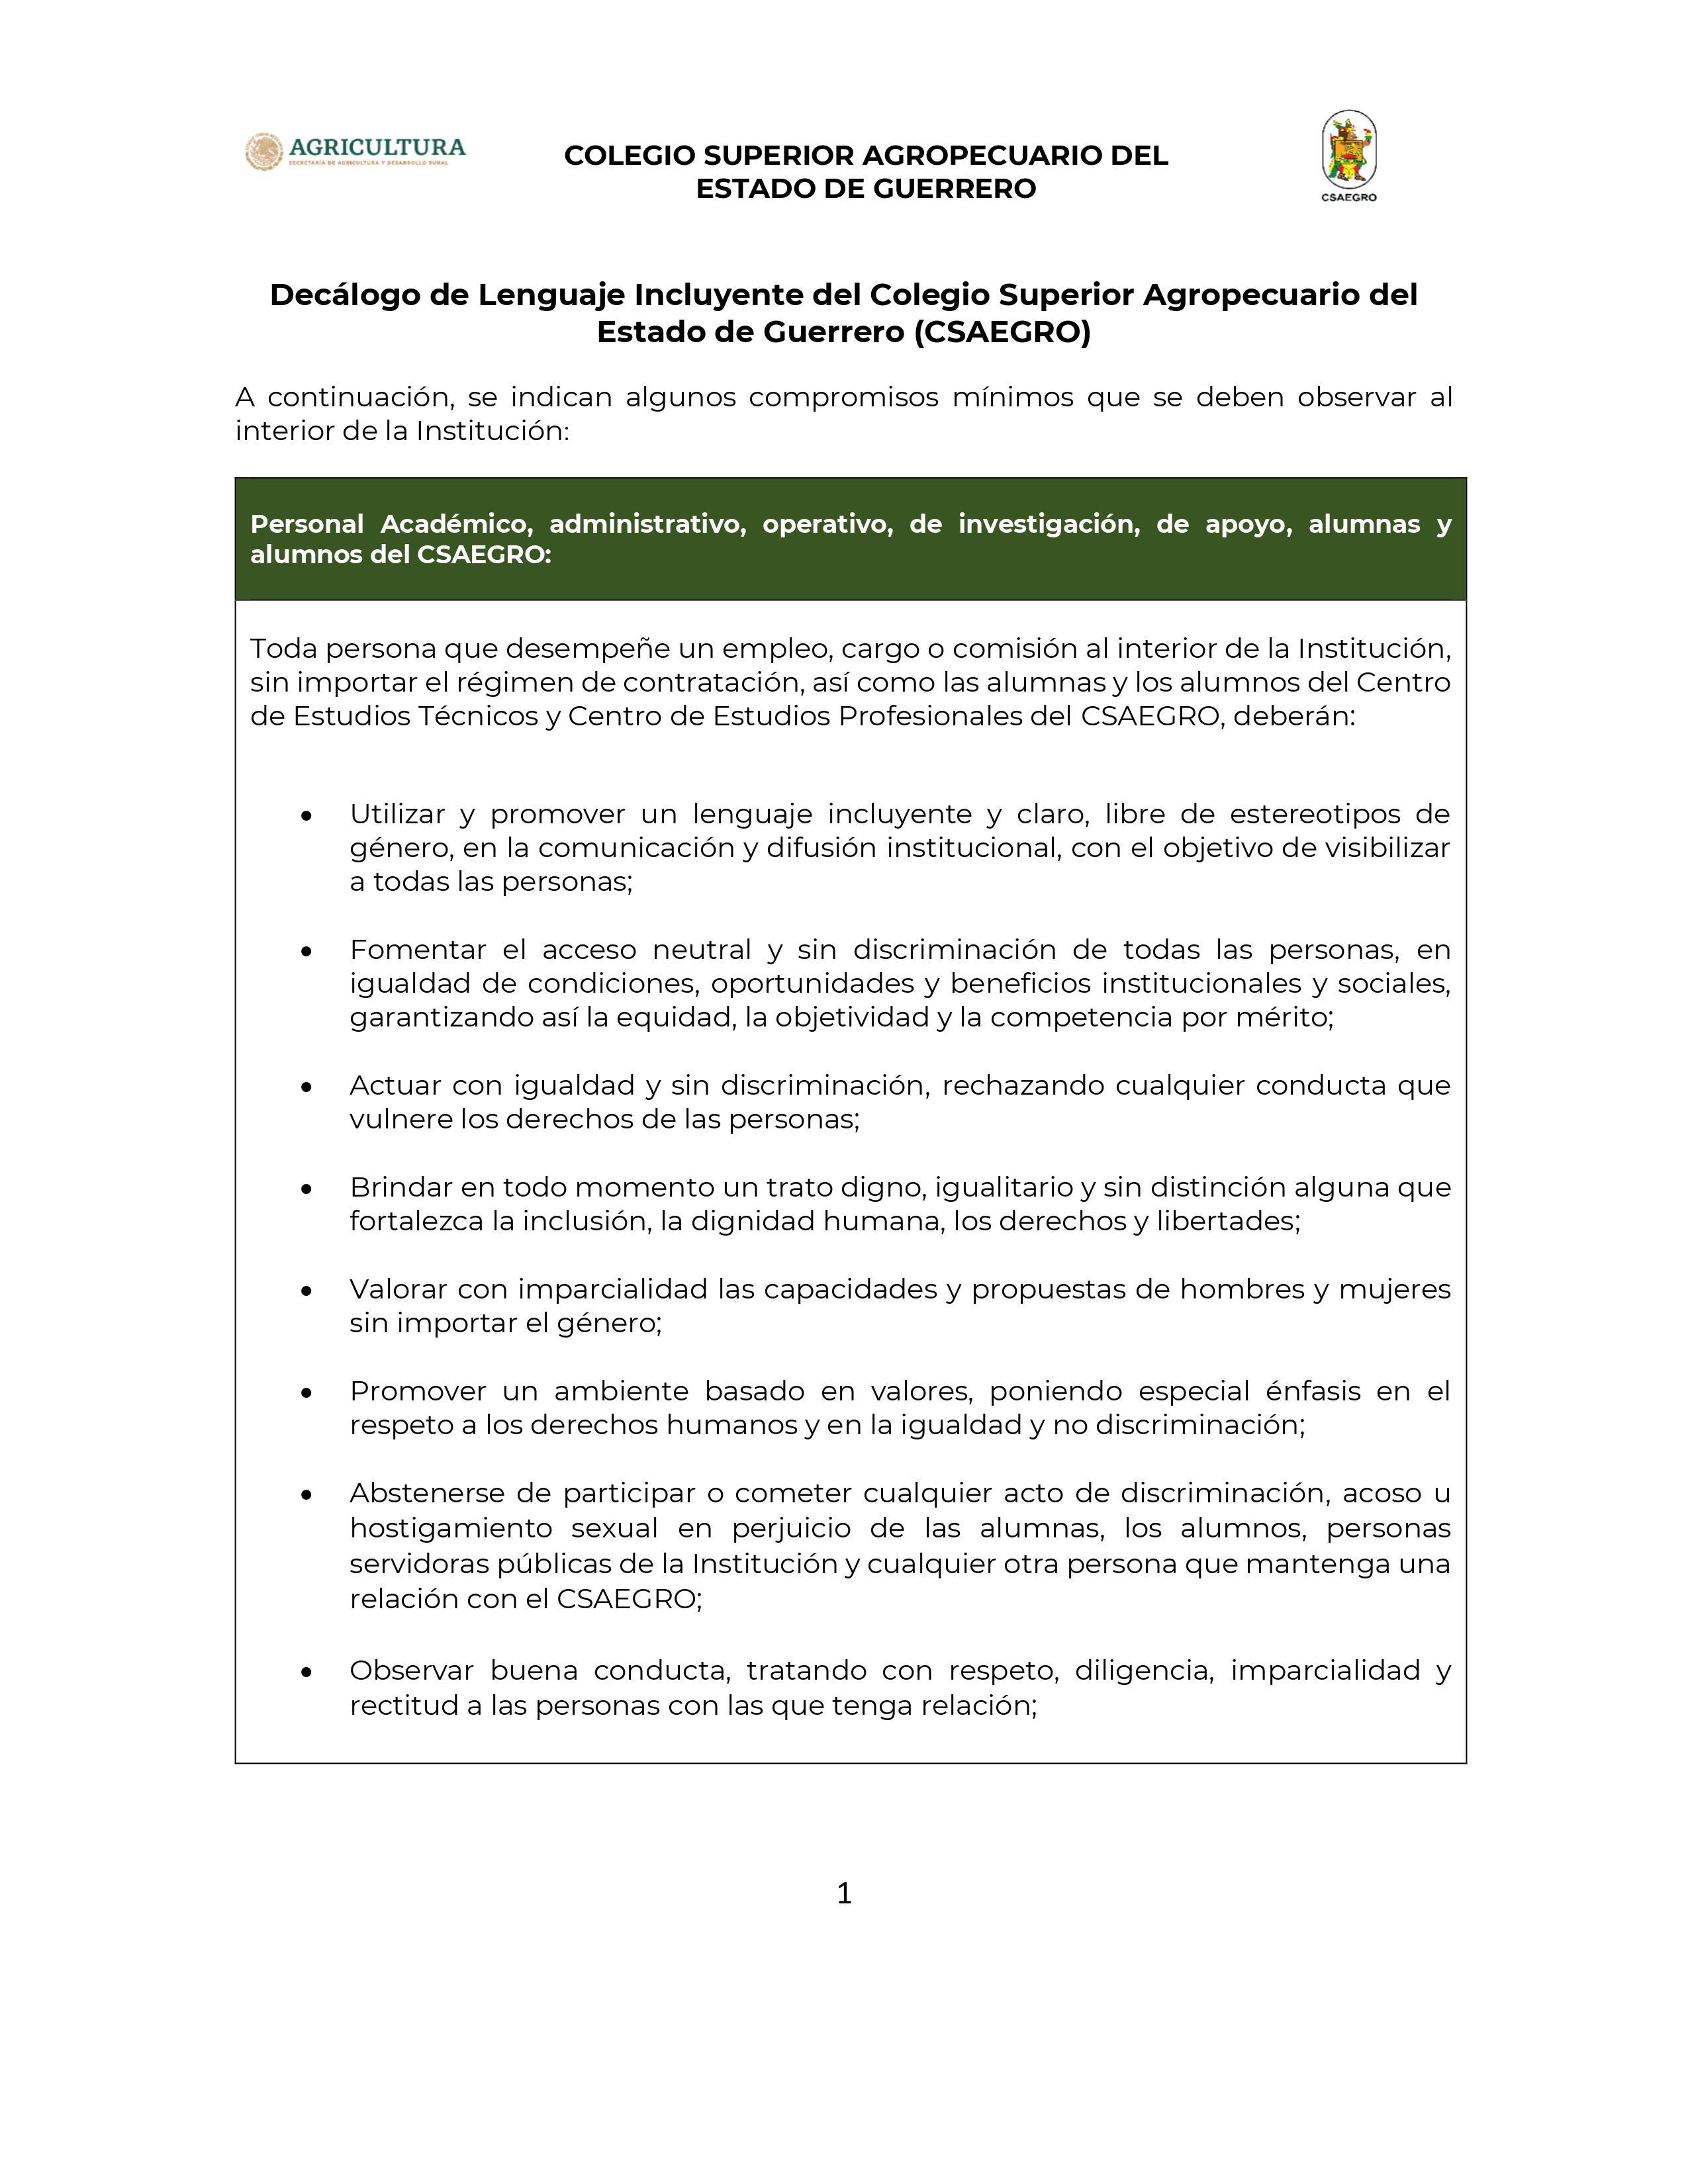 Decálogo de lenguaje Incluyente CSAEGRO-01